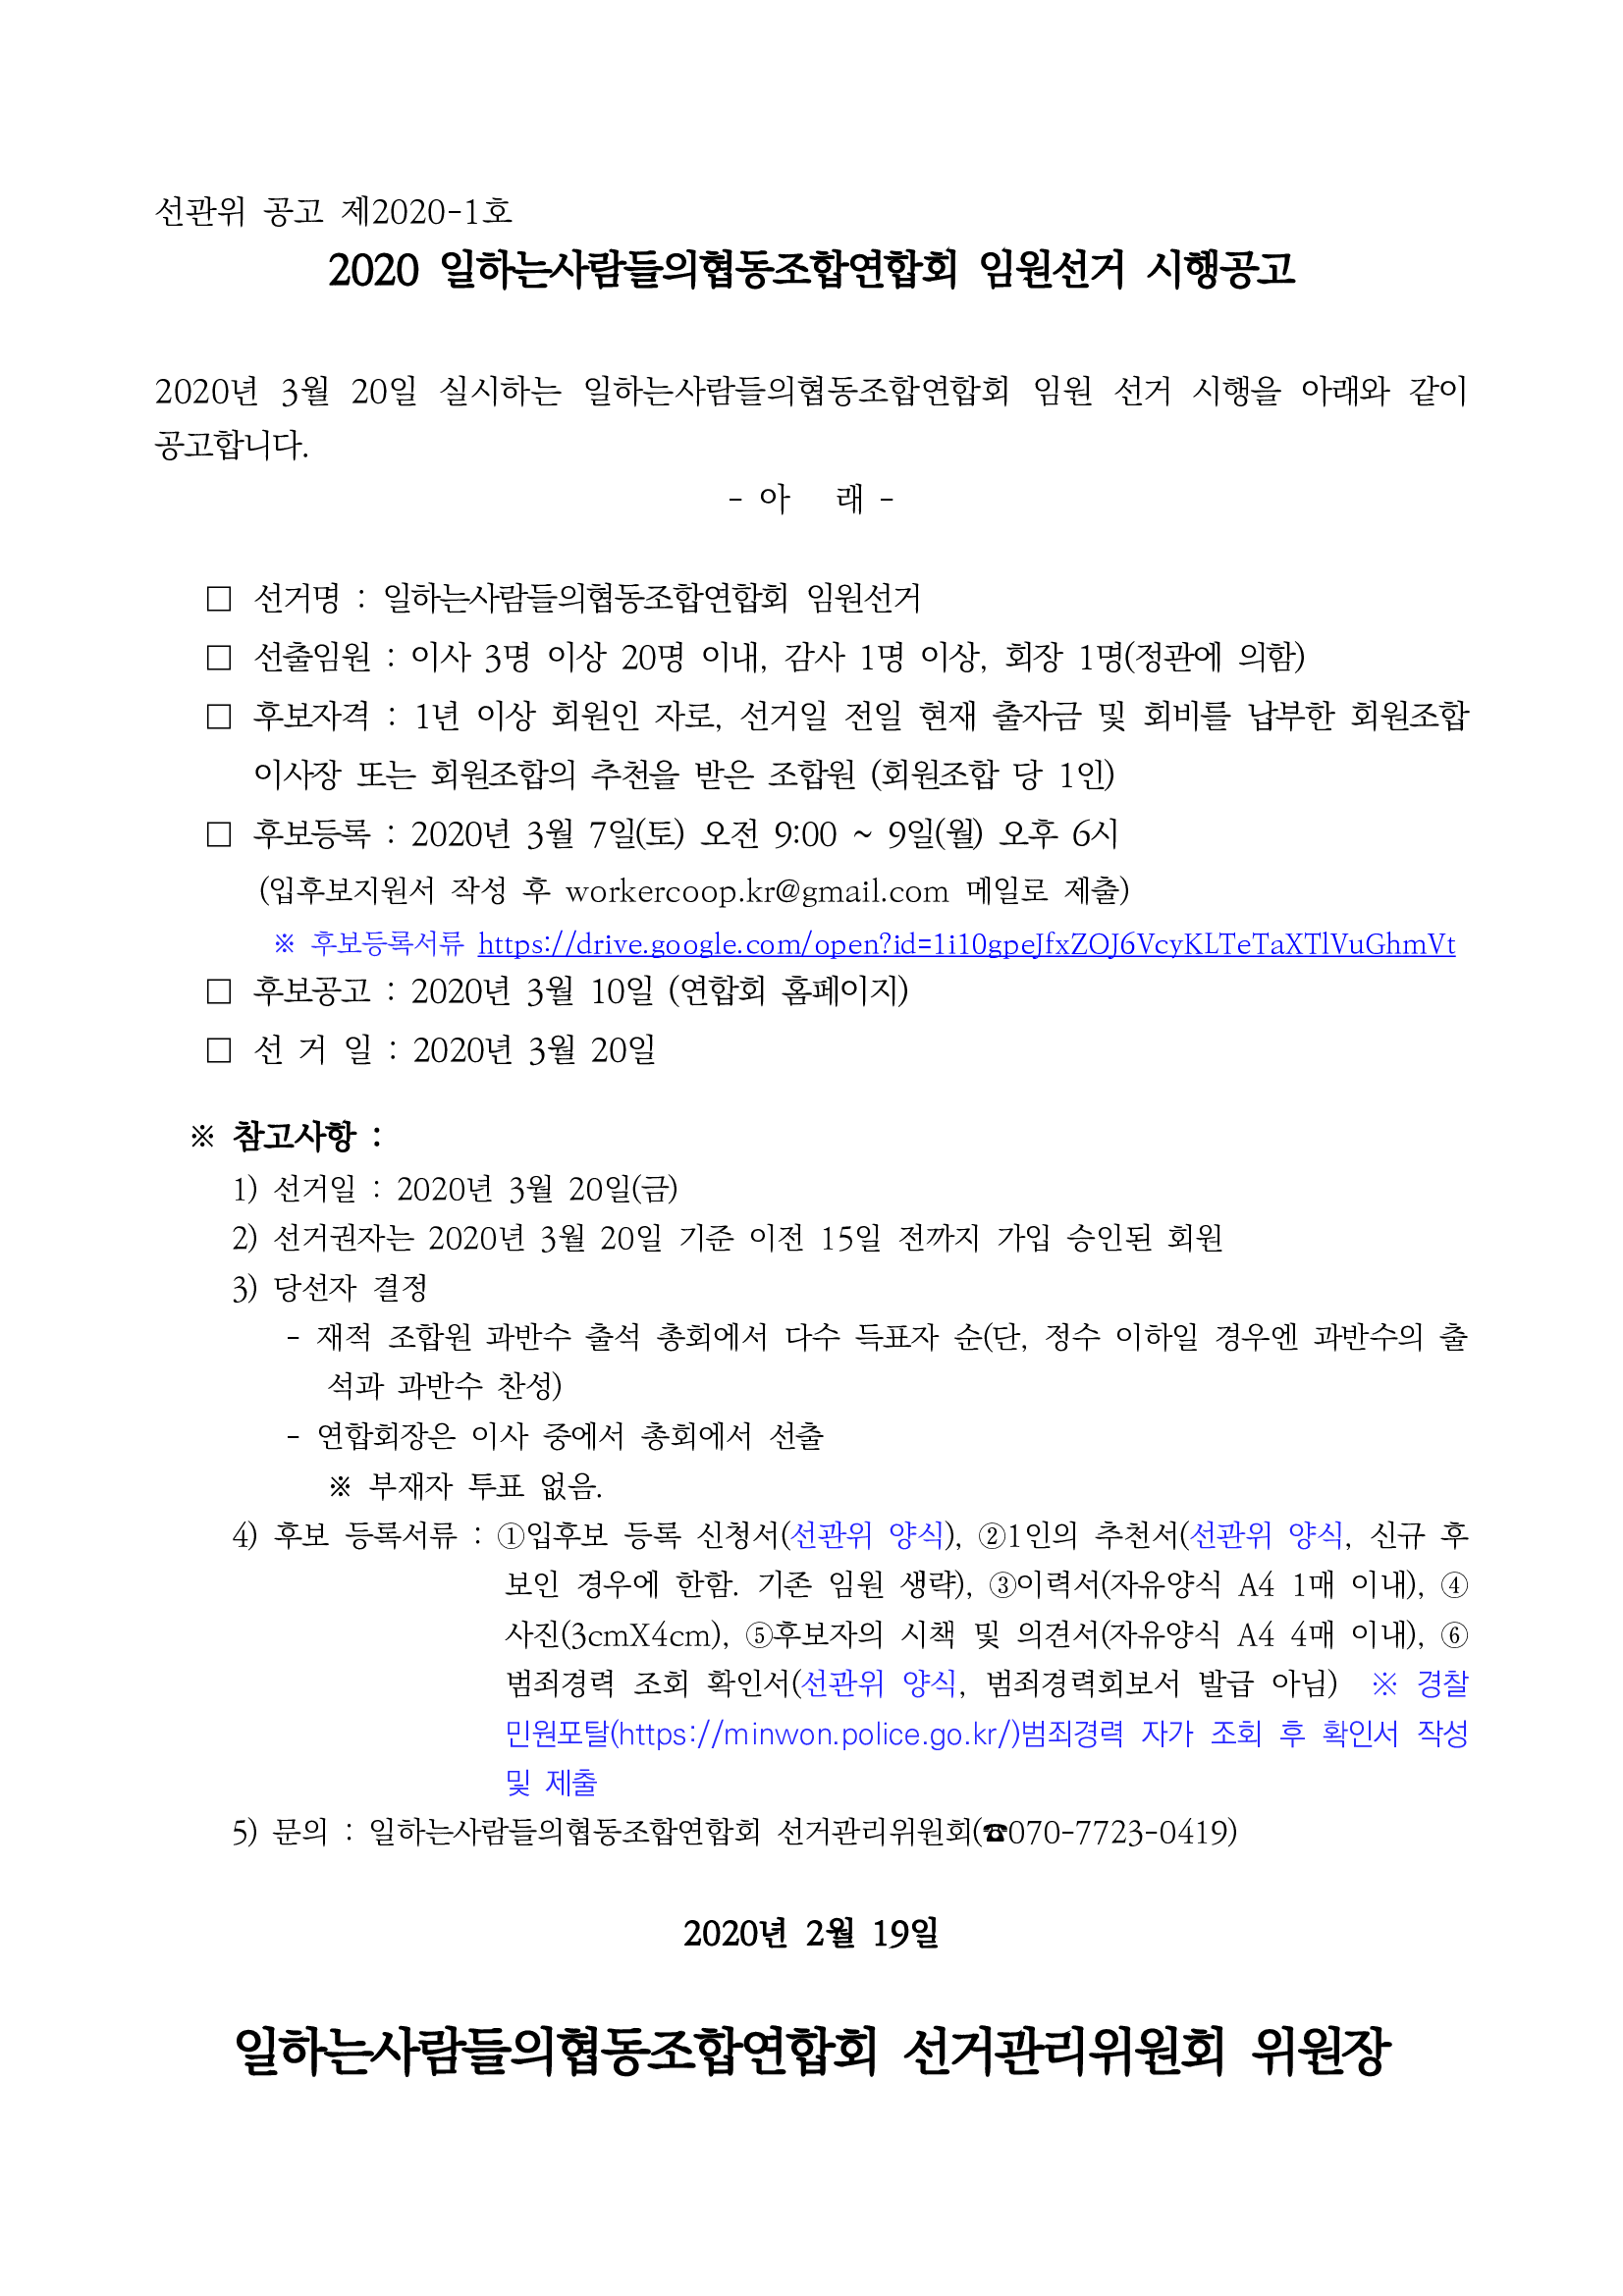 2020.02.19-임원선거-공고문.png